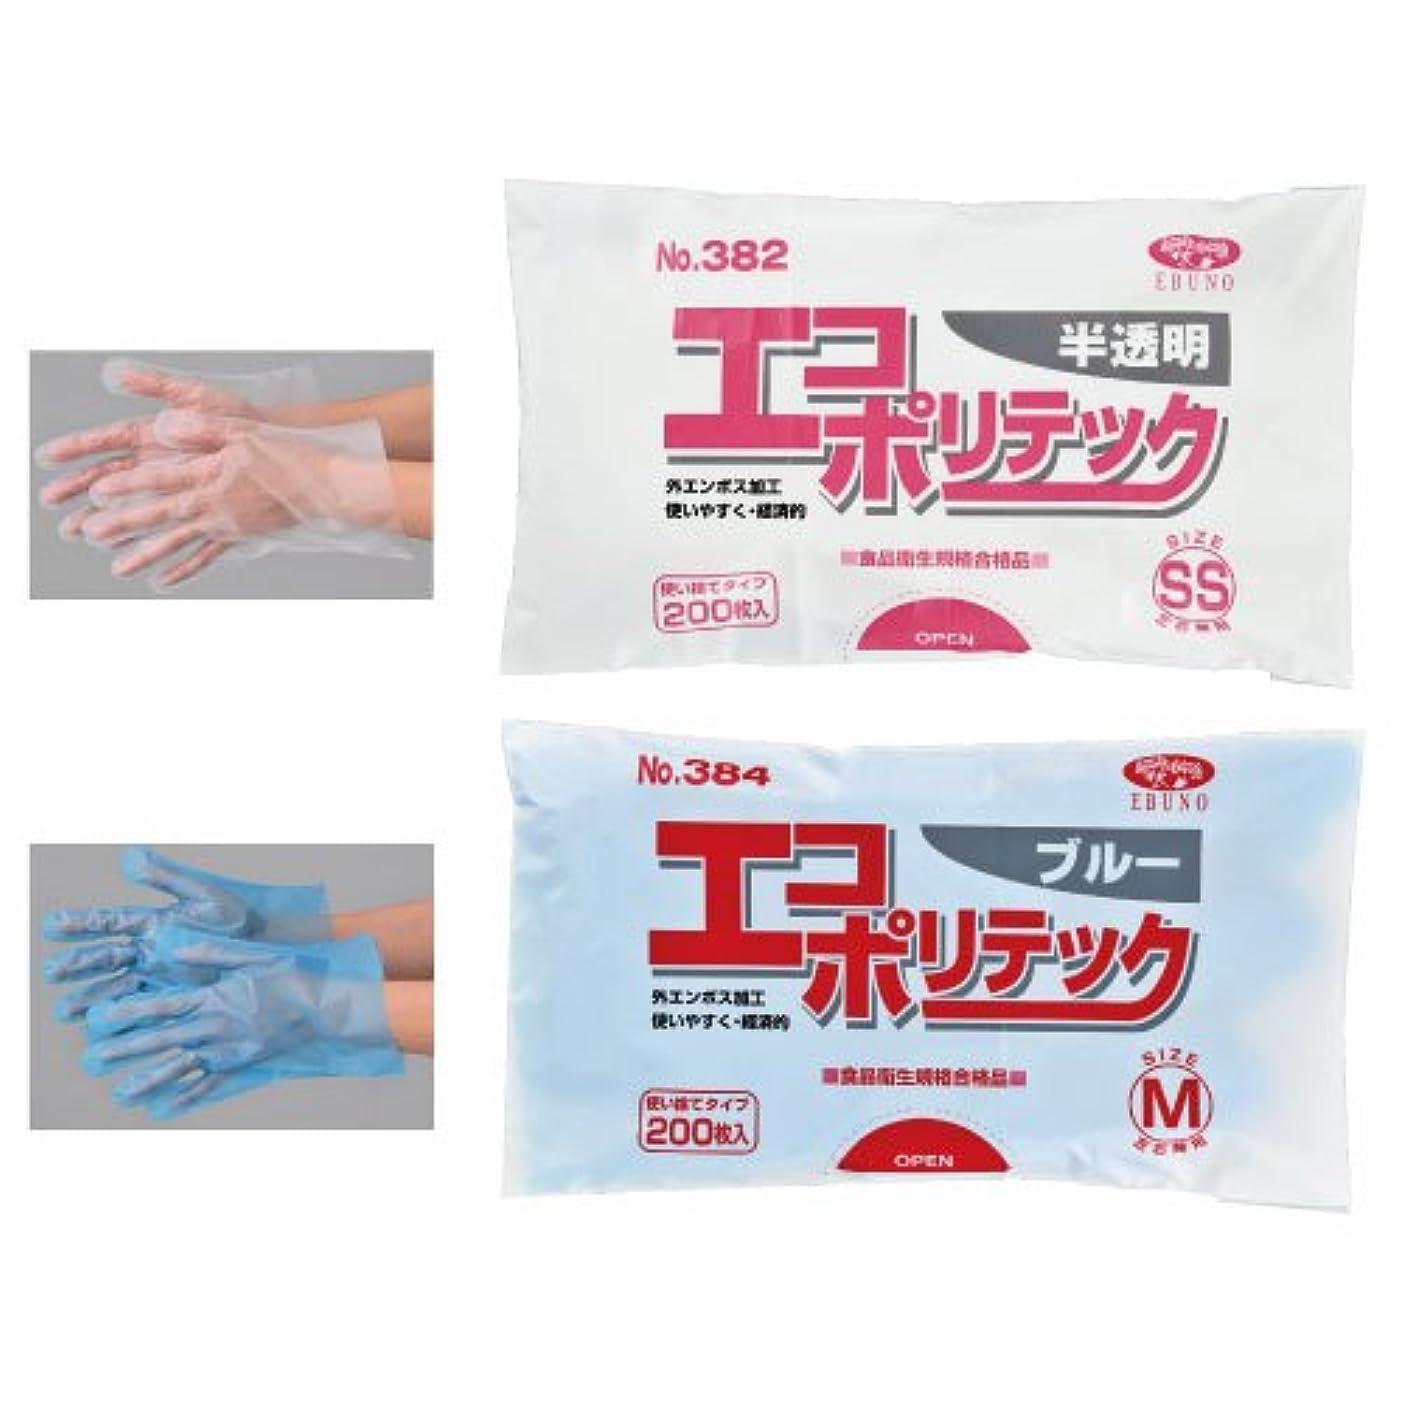 赤ちゃん挨拶するカリングエブノ ポリエチレン手袋 No.382 SS 半透明 (200枚×30袋) エコポリテック 袋入